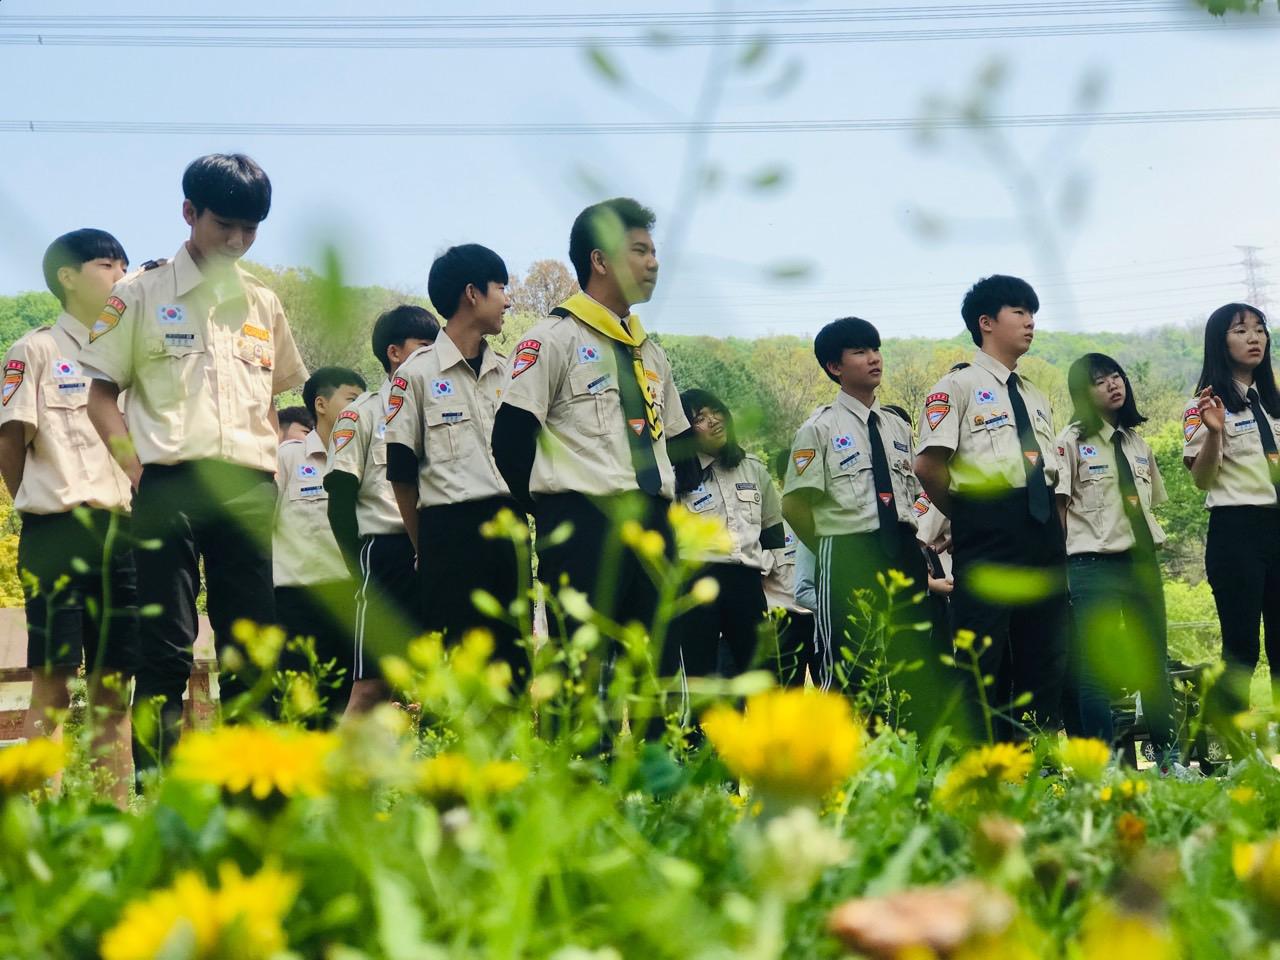 패스파인더 활동-텐트 치기